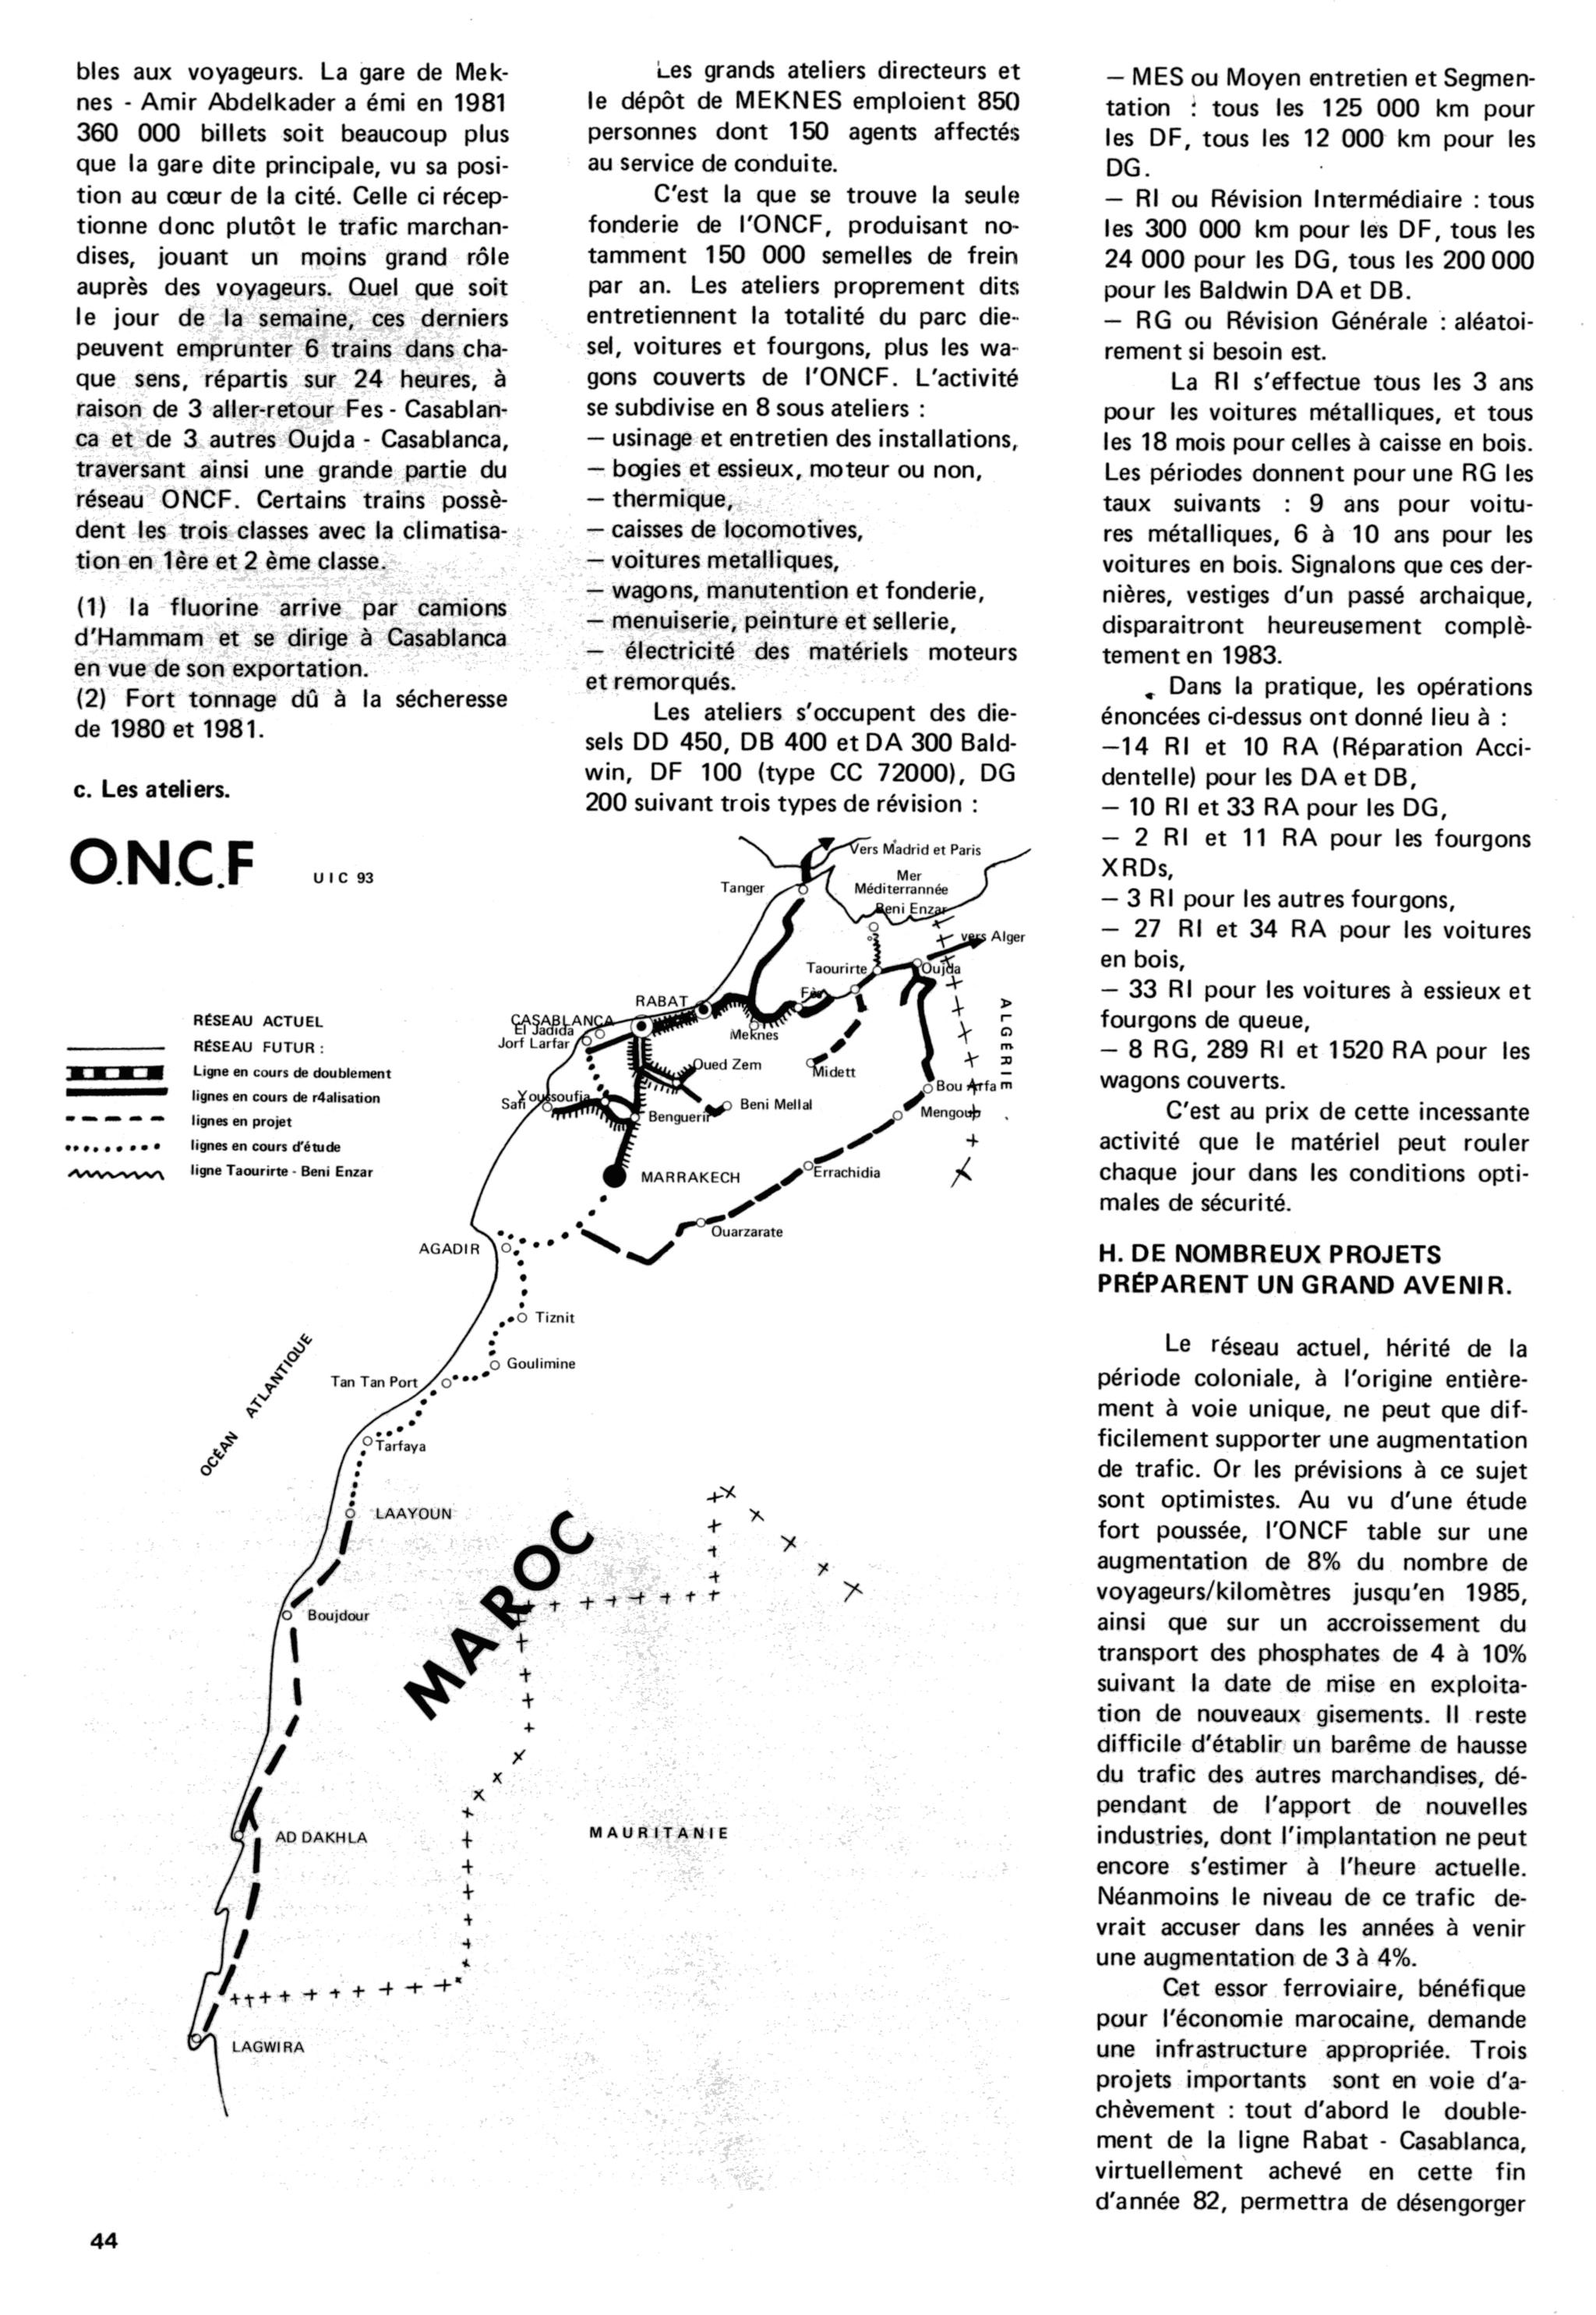 Chemins de Fer au Maroc - ONCF  - Page 4 49736158808_8c1d4e2259_o_d